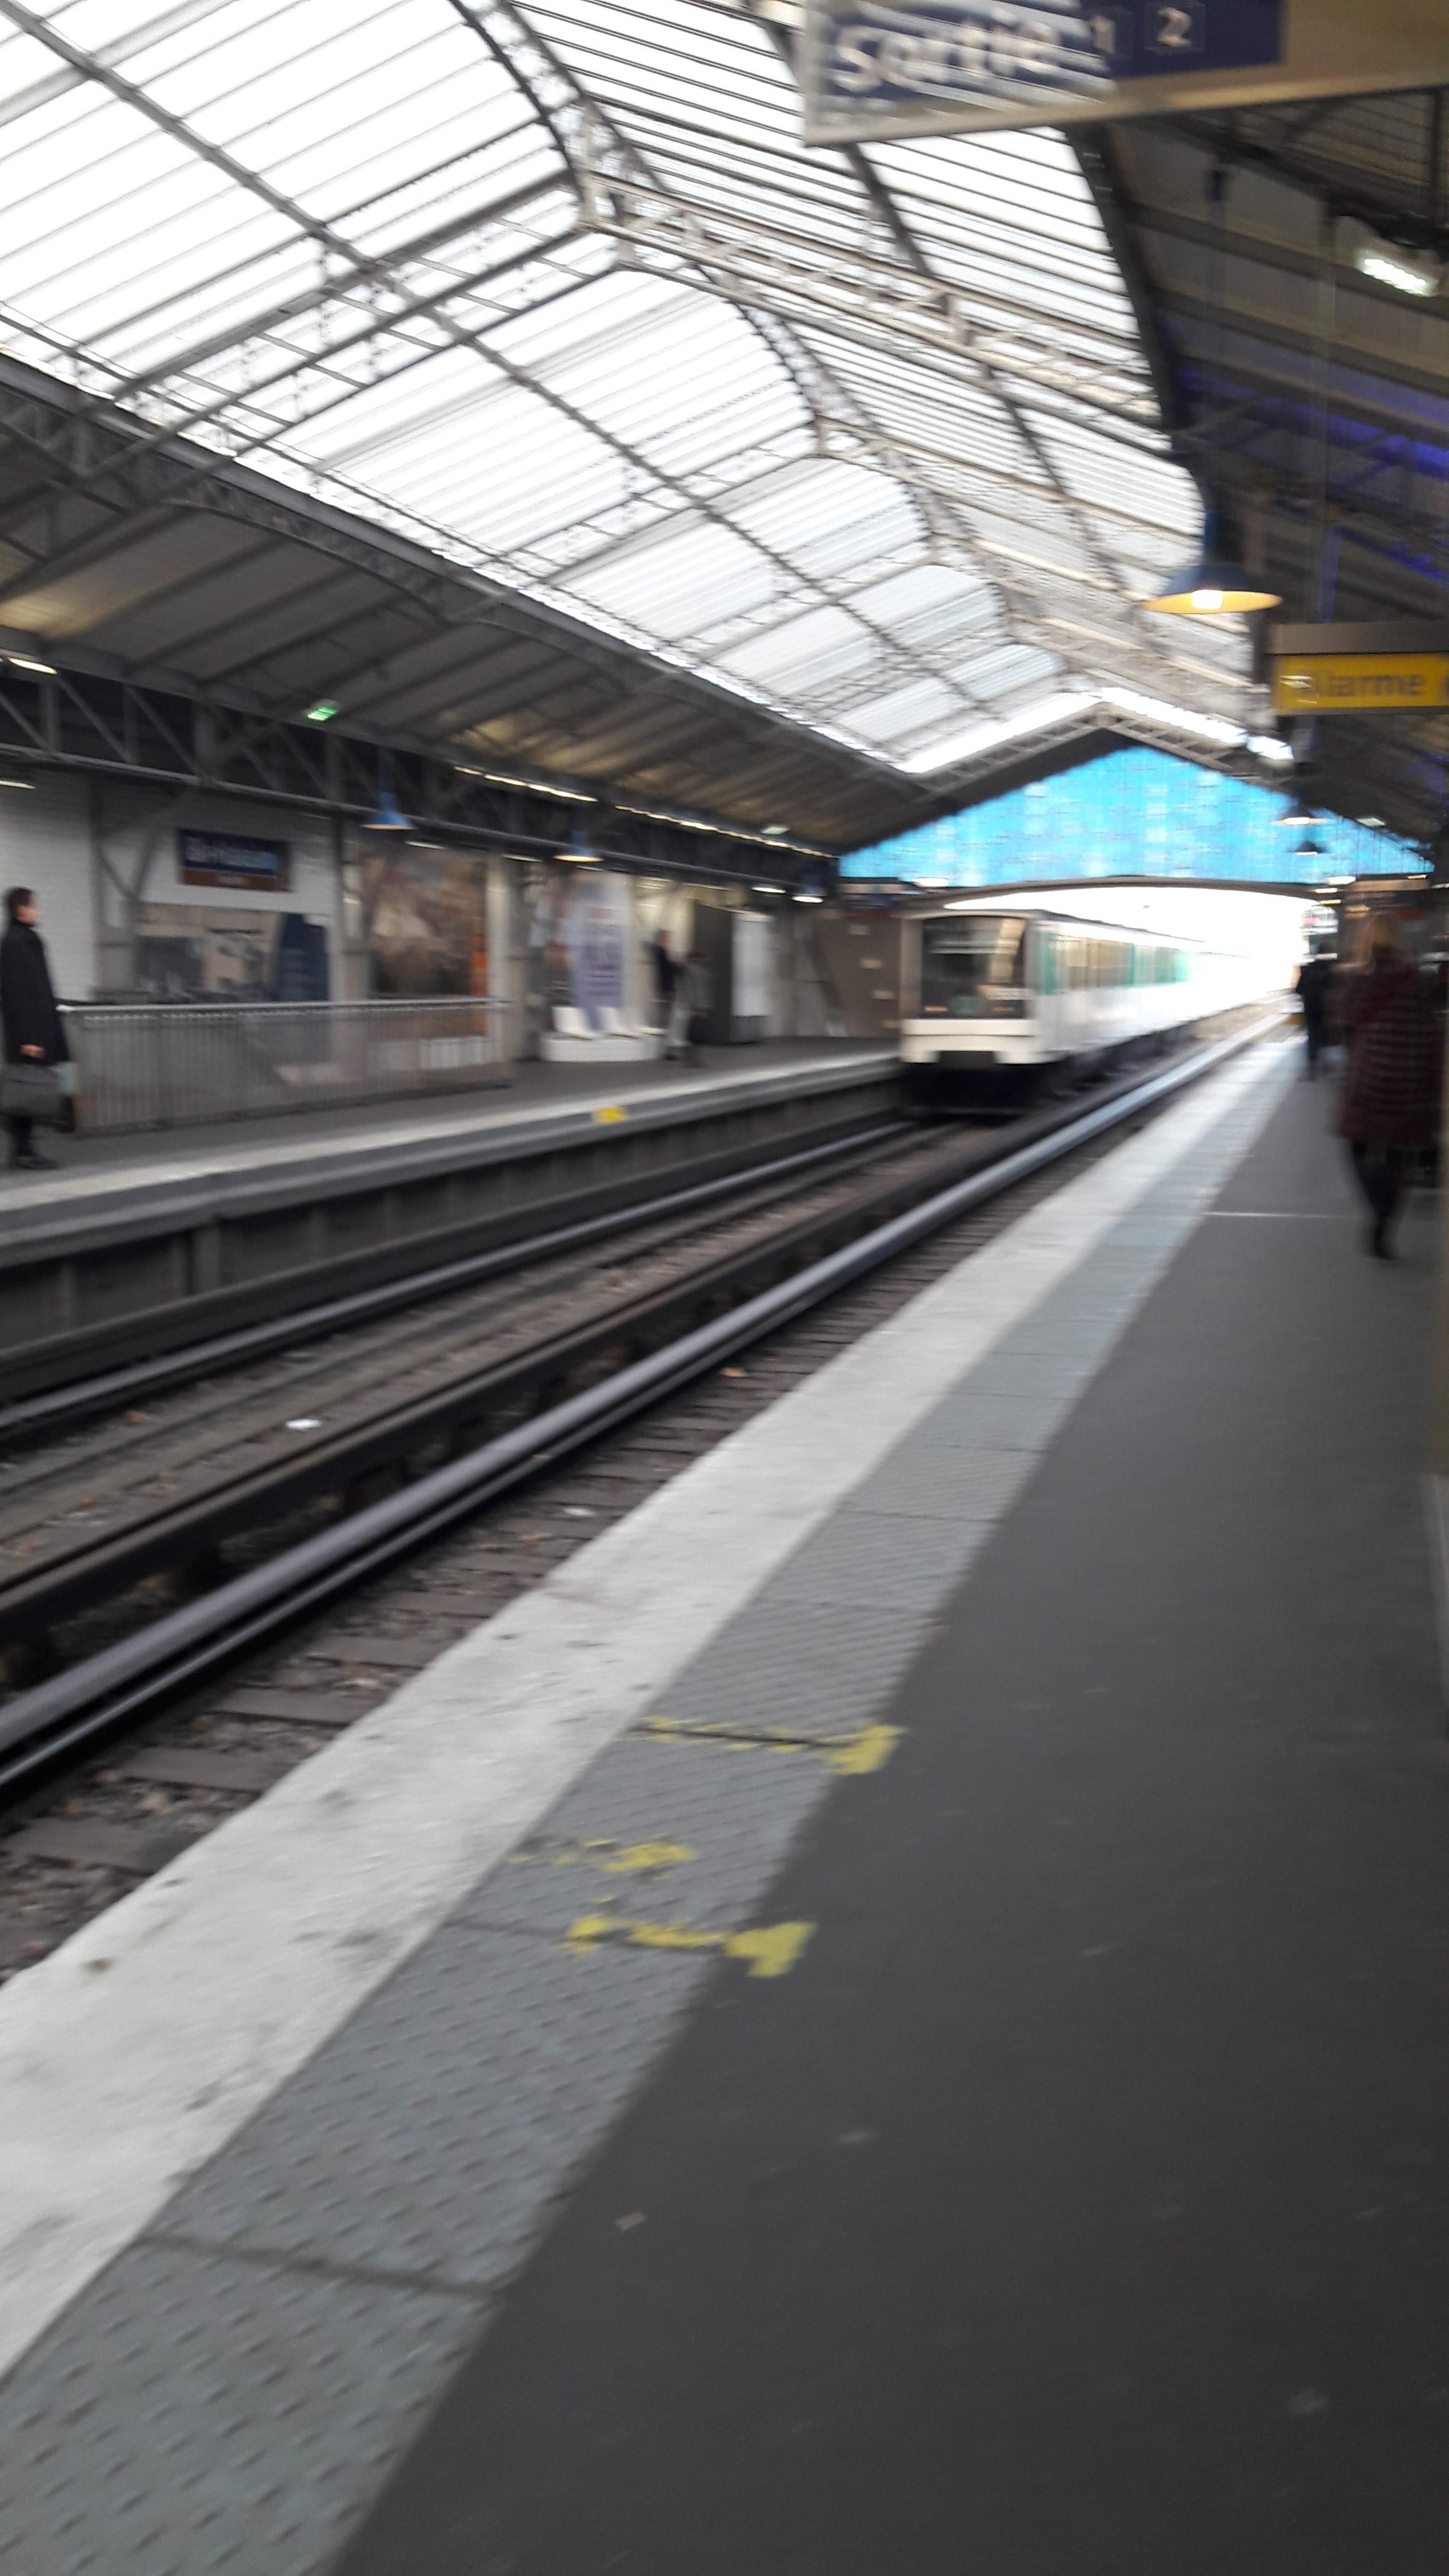 paris-metro-line-6-bir-hakeim-coming-in-nov17